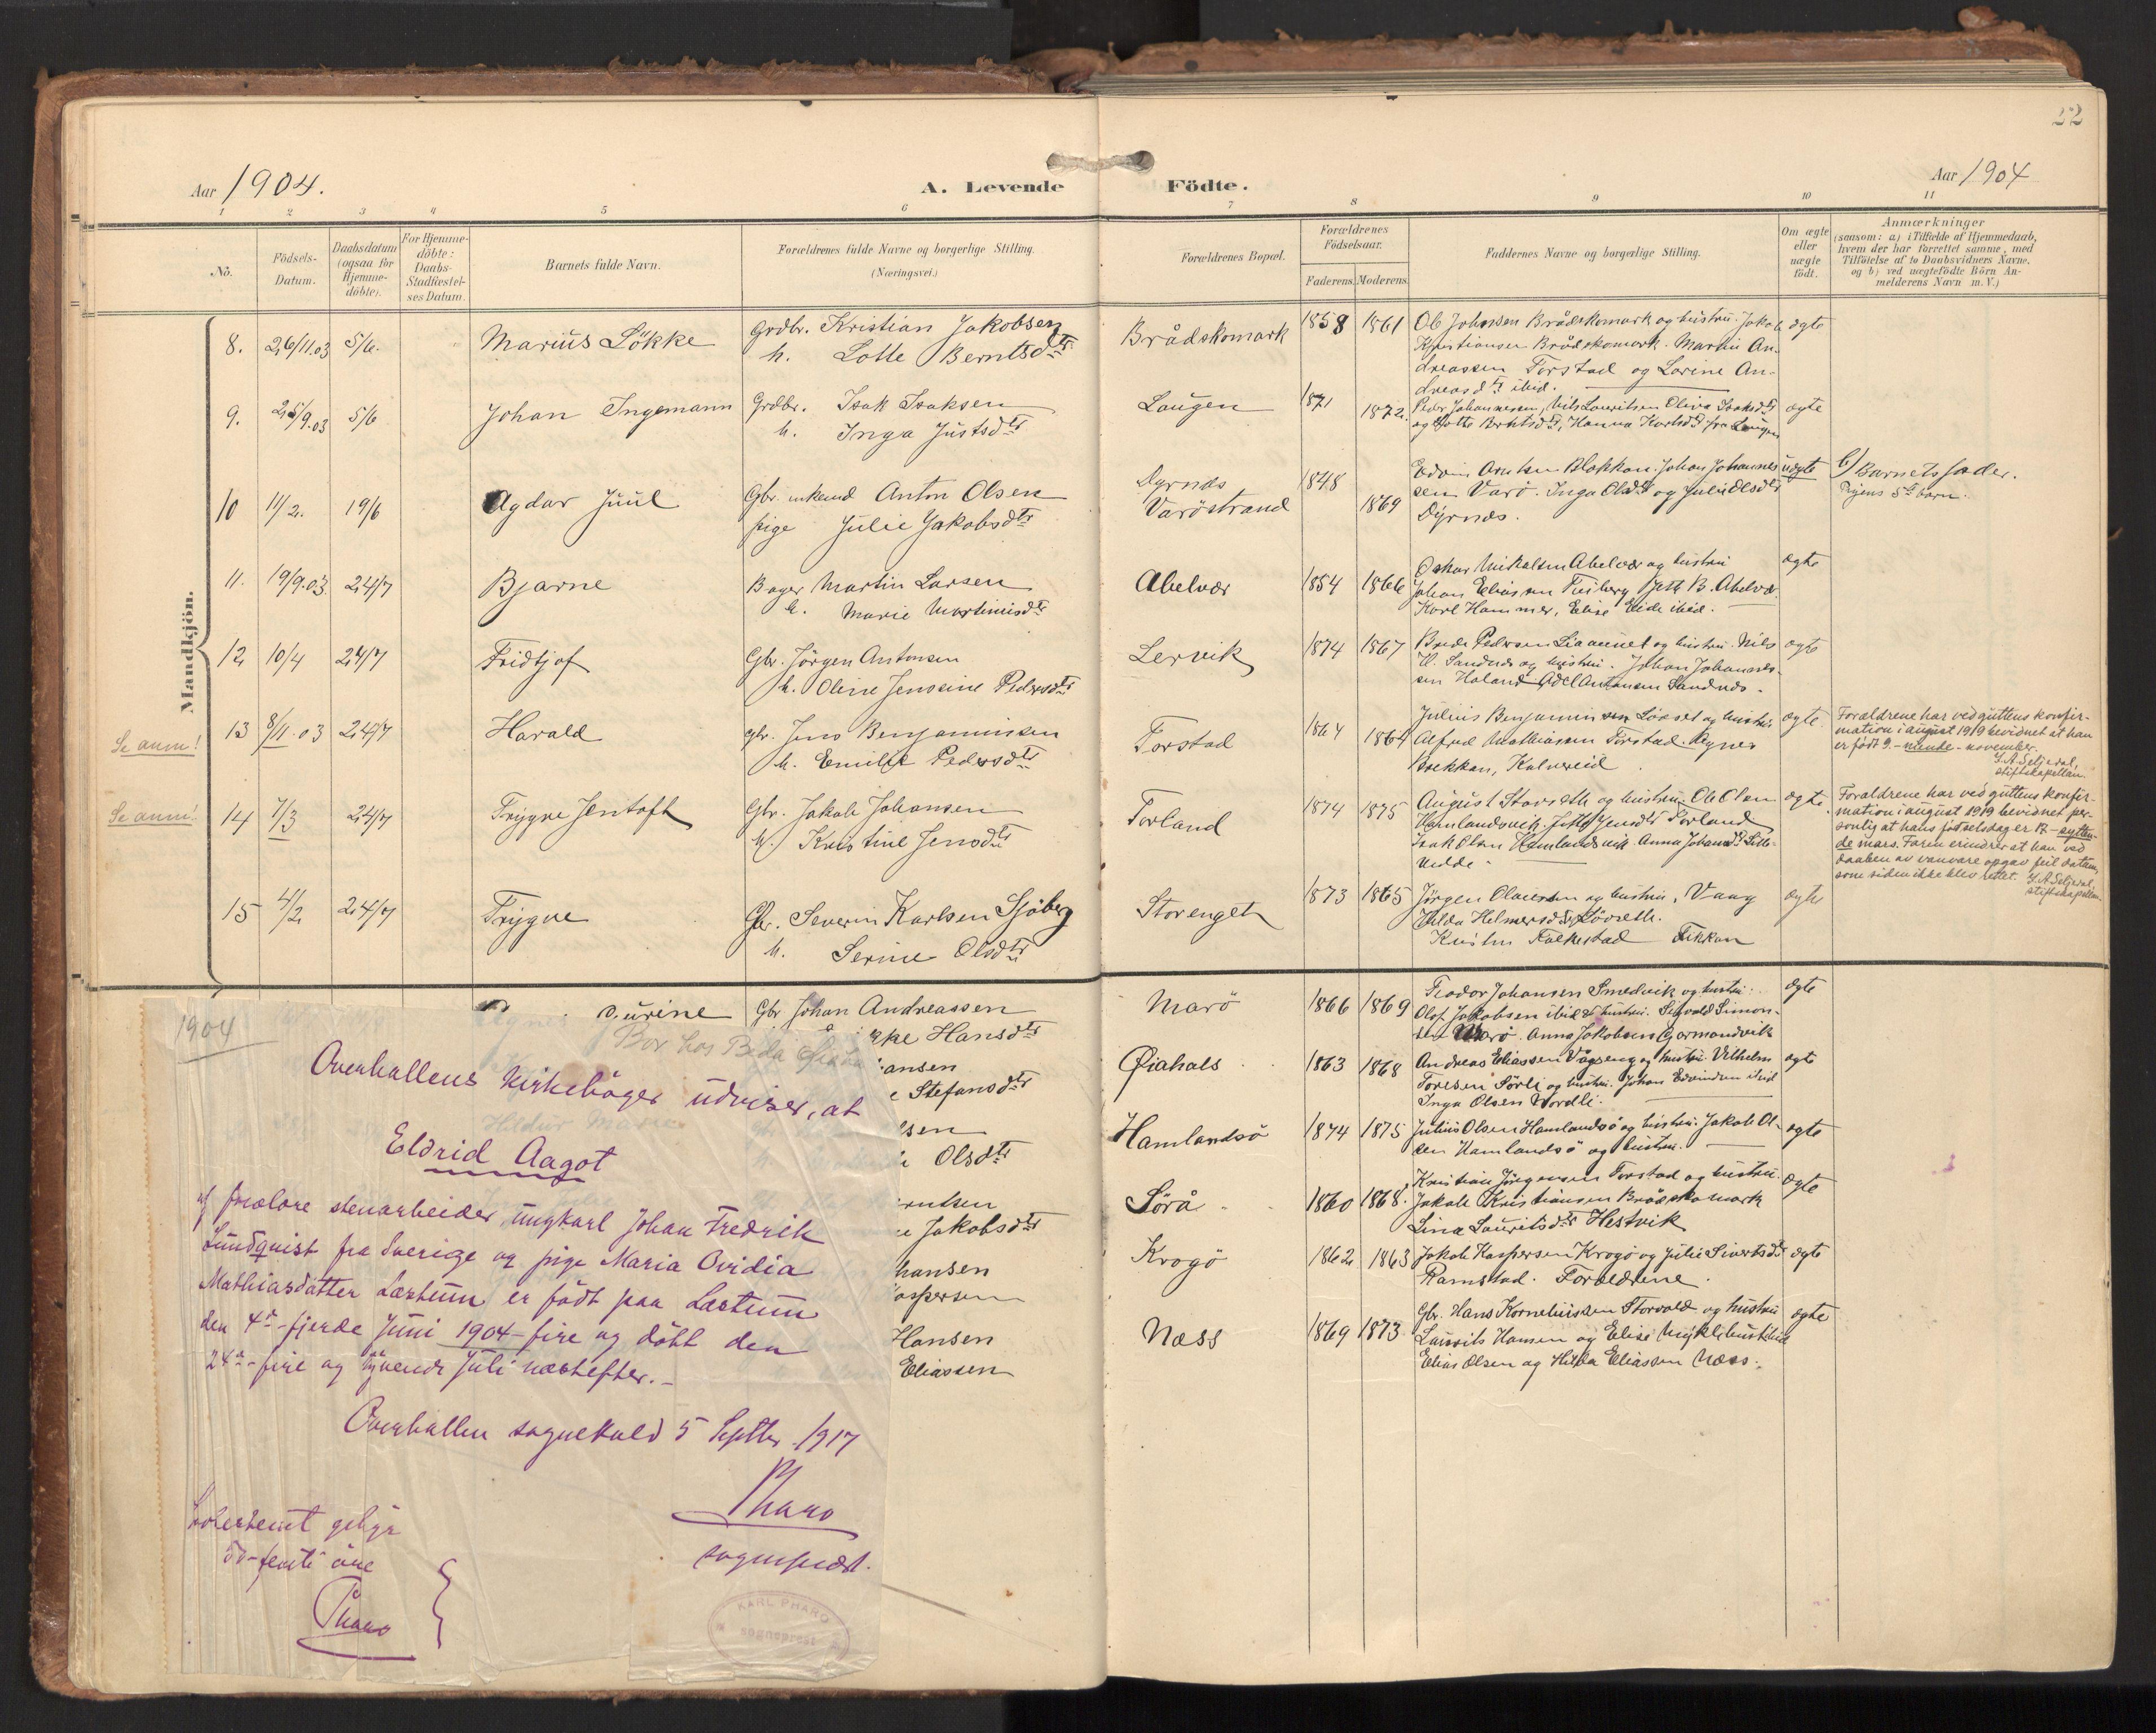 SAT, Ministerialprotokoller, klokkerbøker og fødselsregistre - Nord-Trøndelag, 784/L0677: Ministerialbok nr. 784A12, 1900-1920